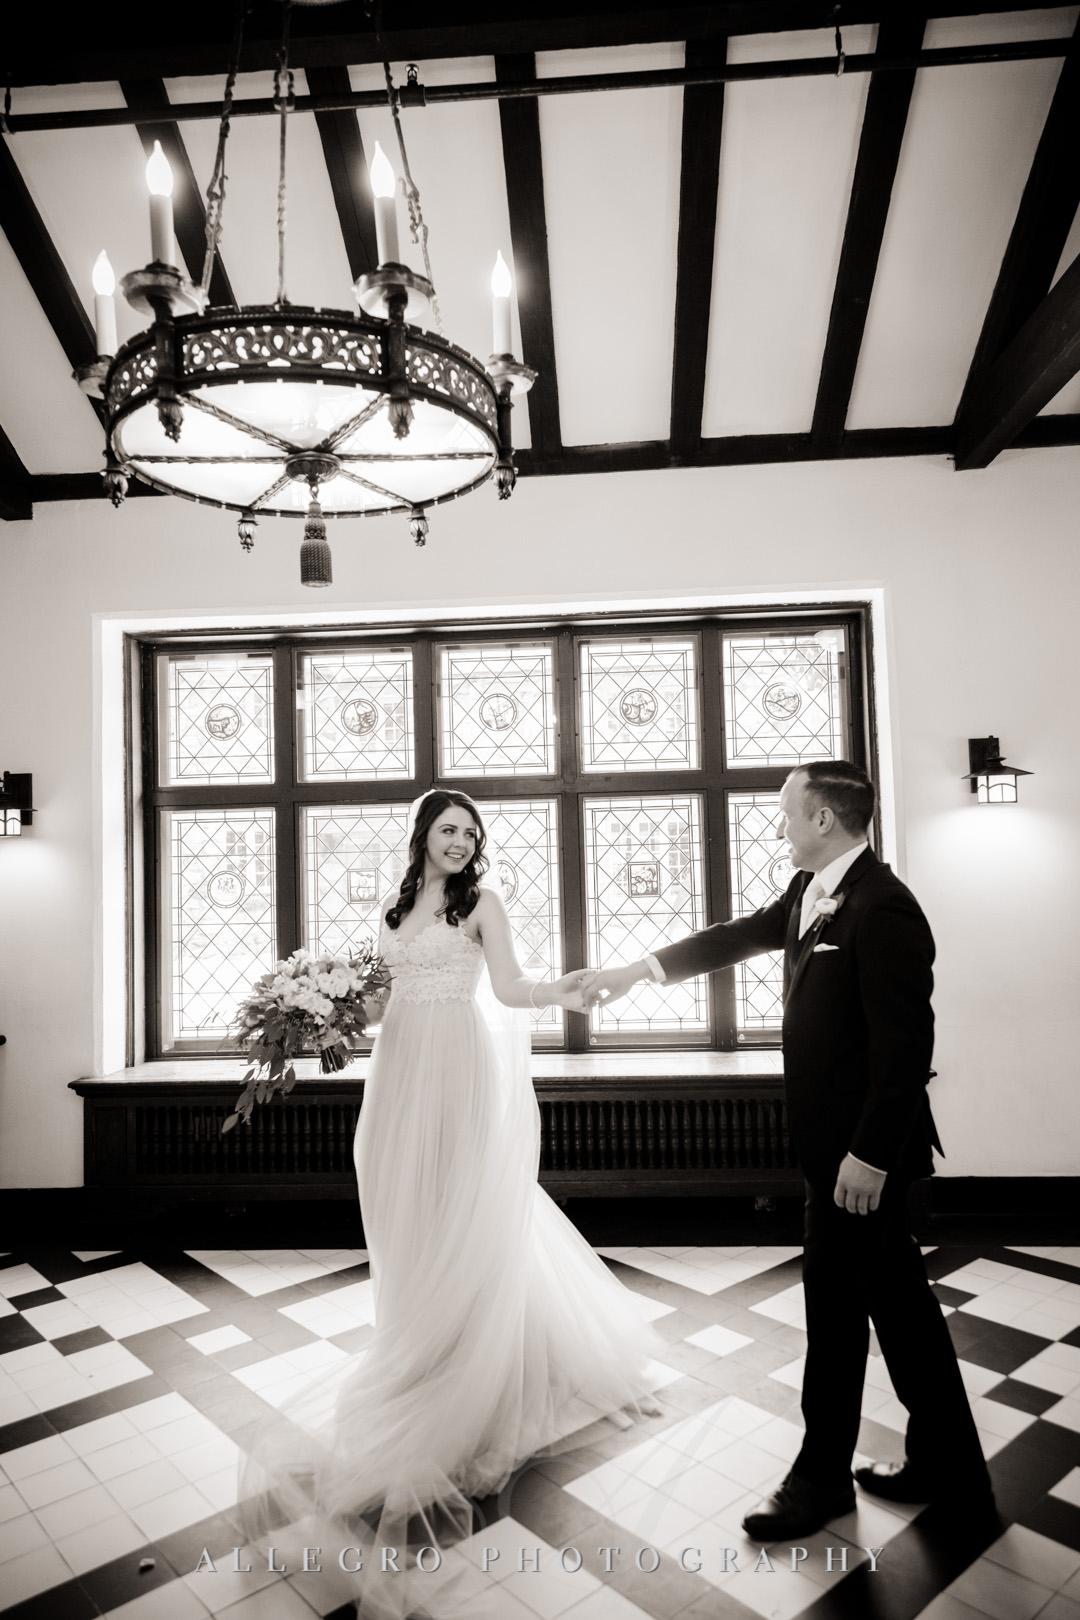 Bride leads groom on dance floor